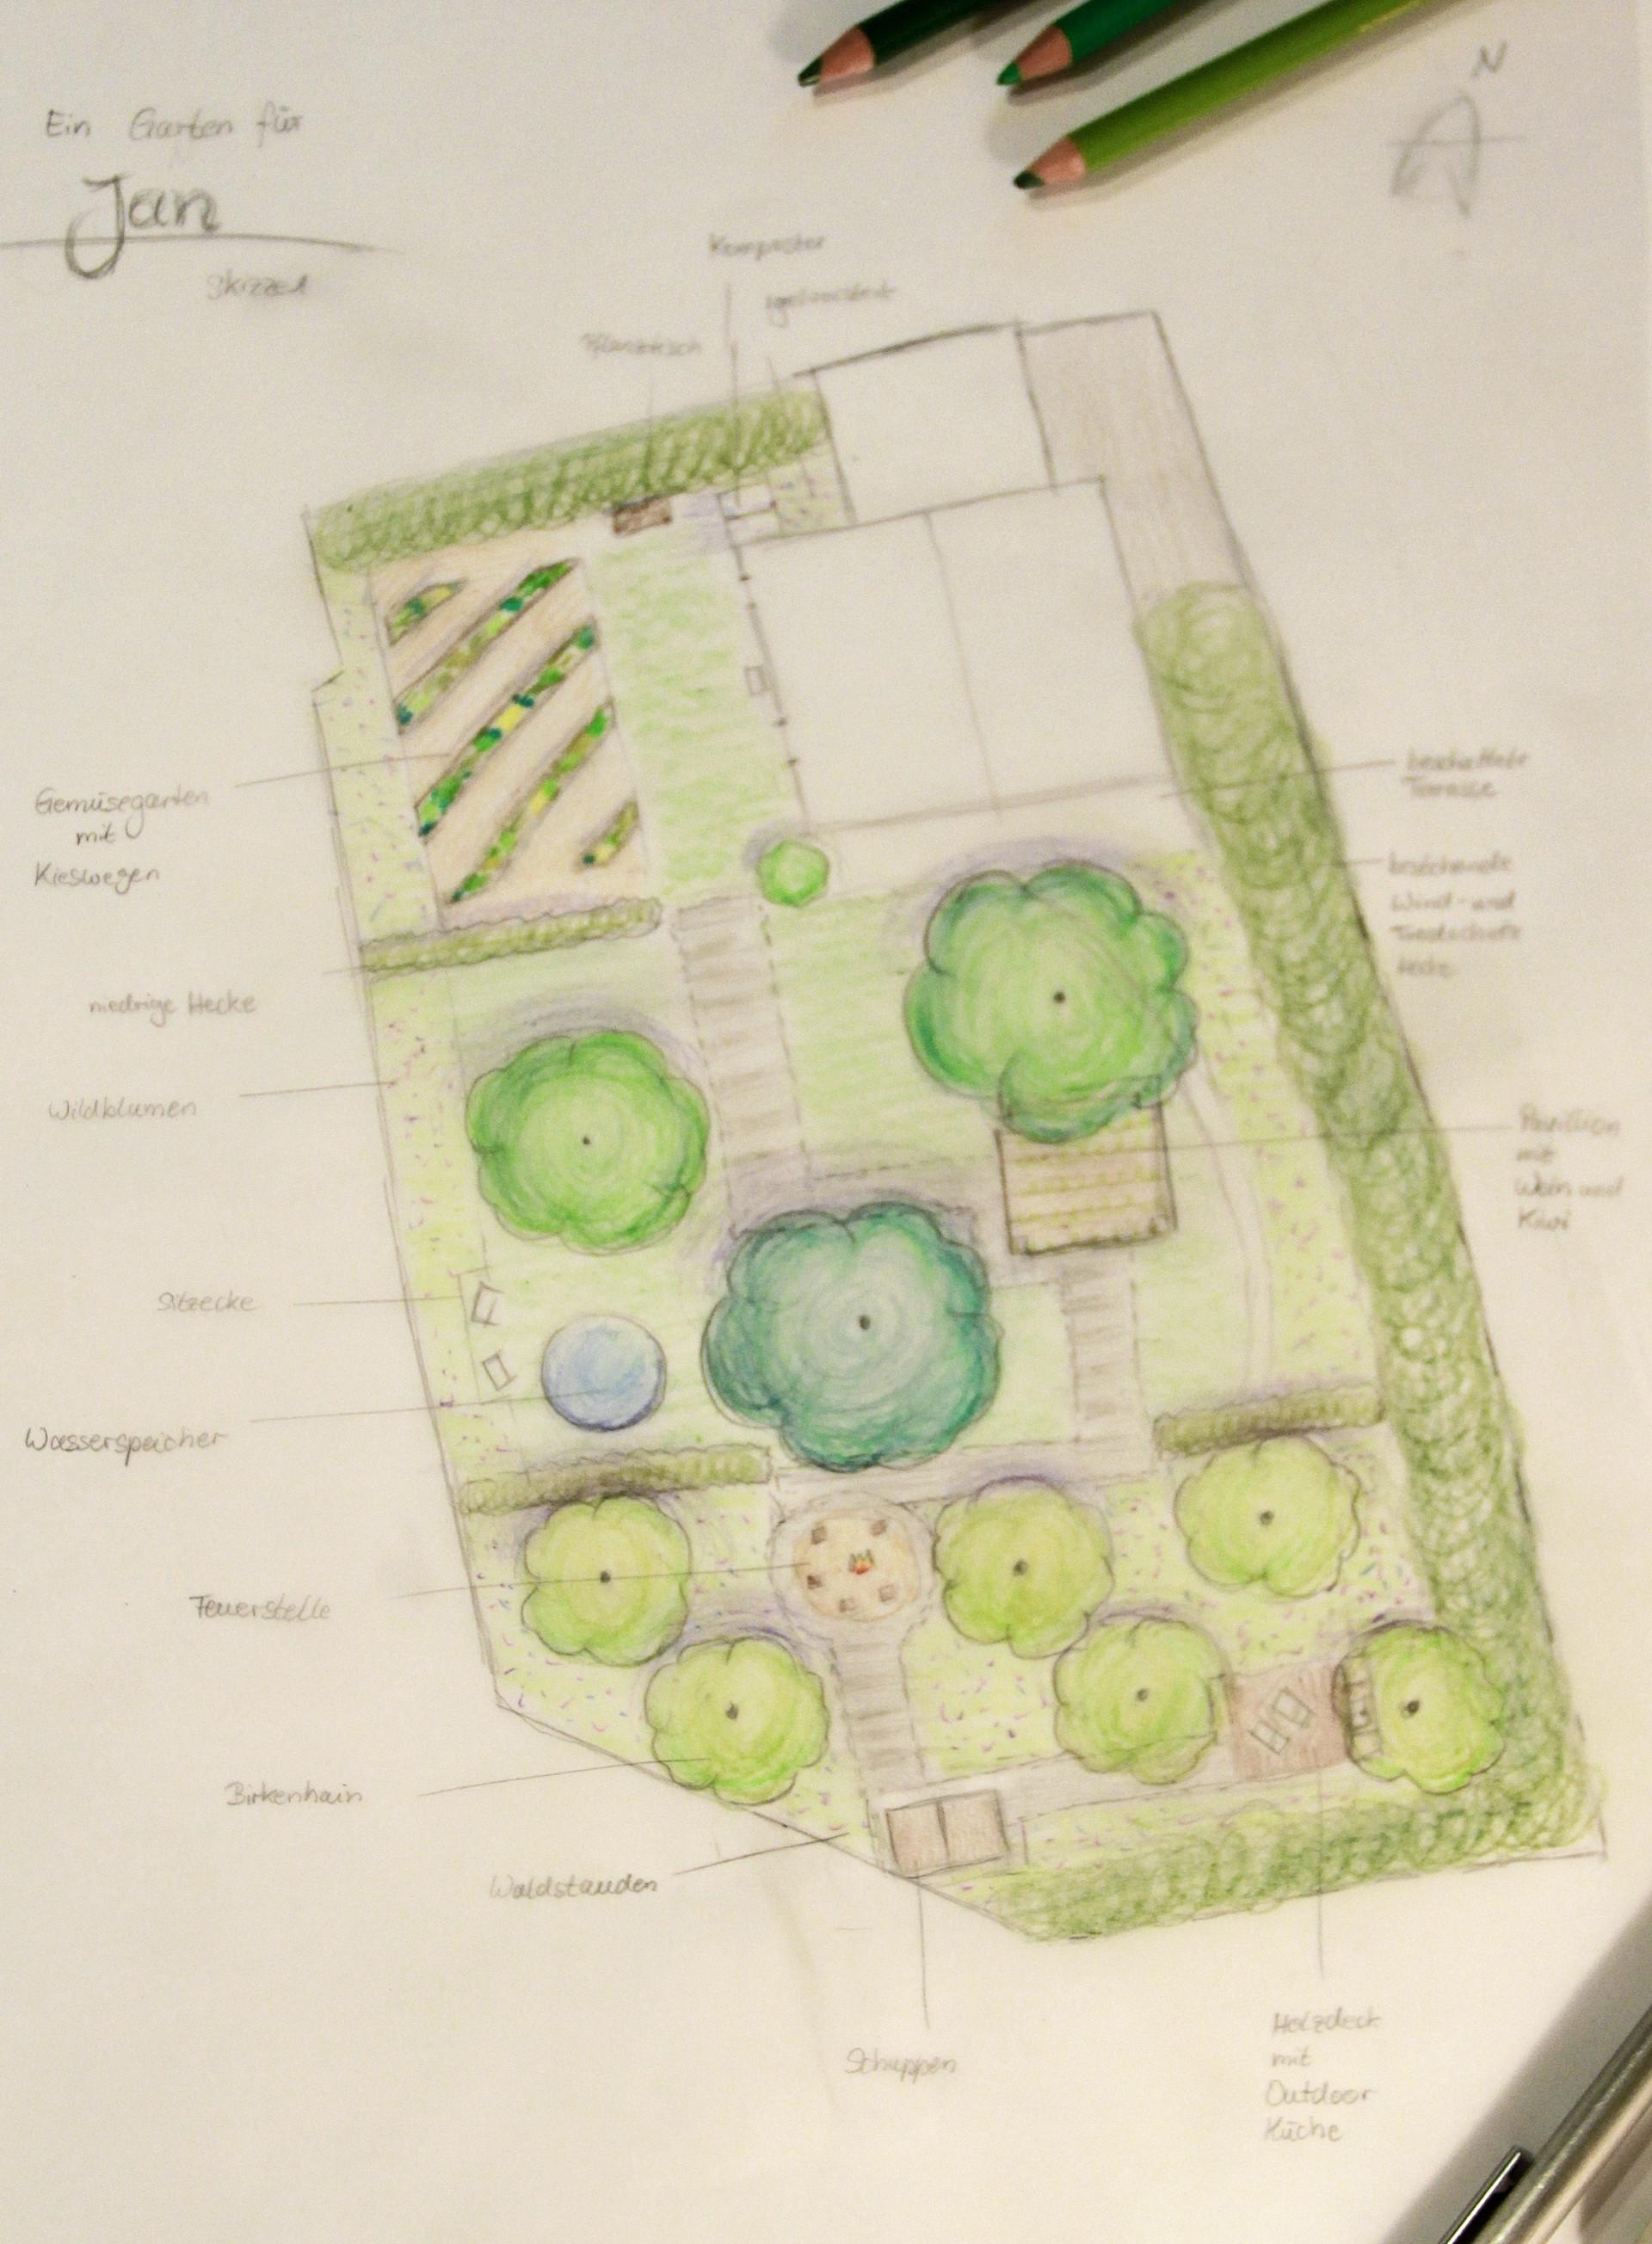 Allergen-armer Garten